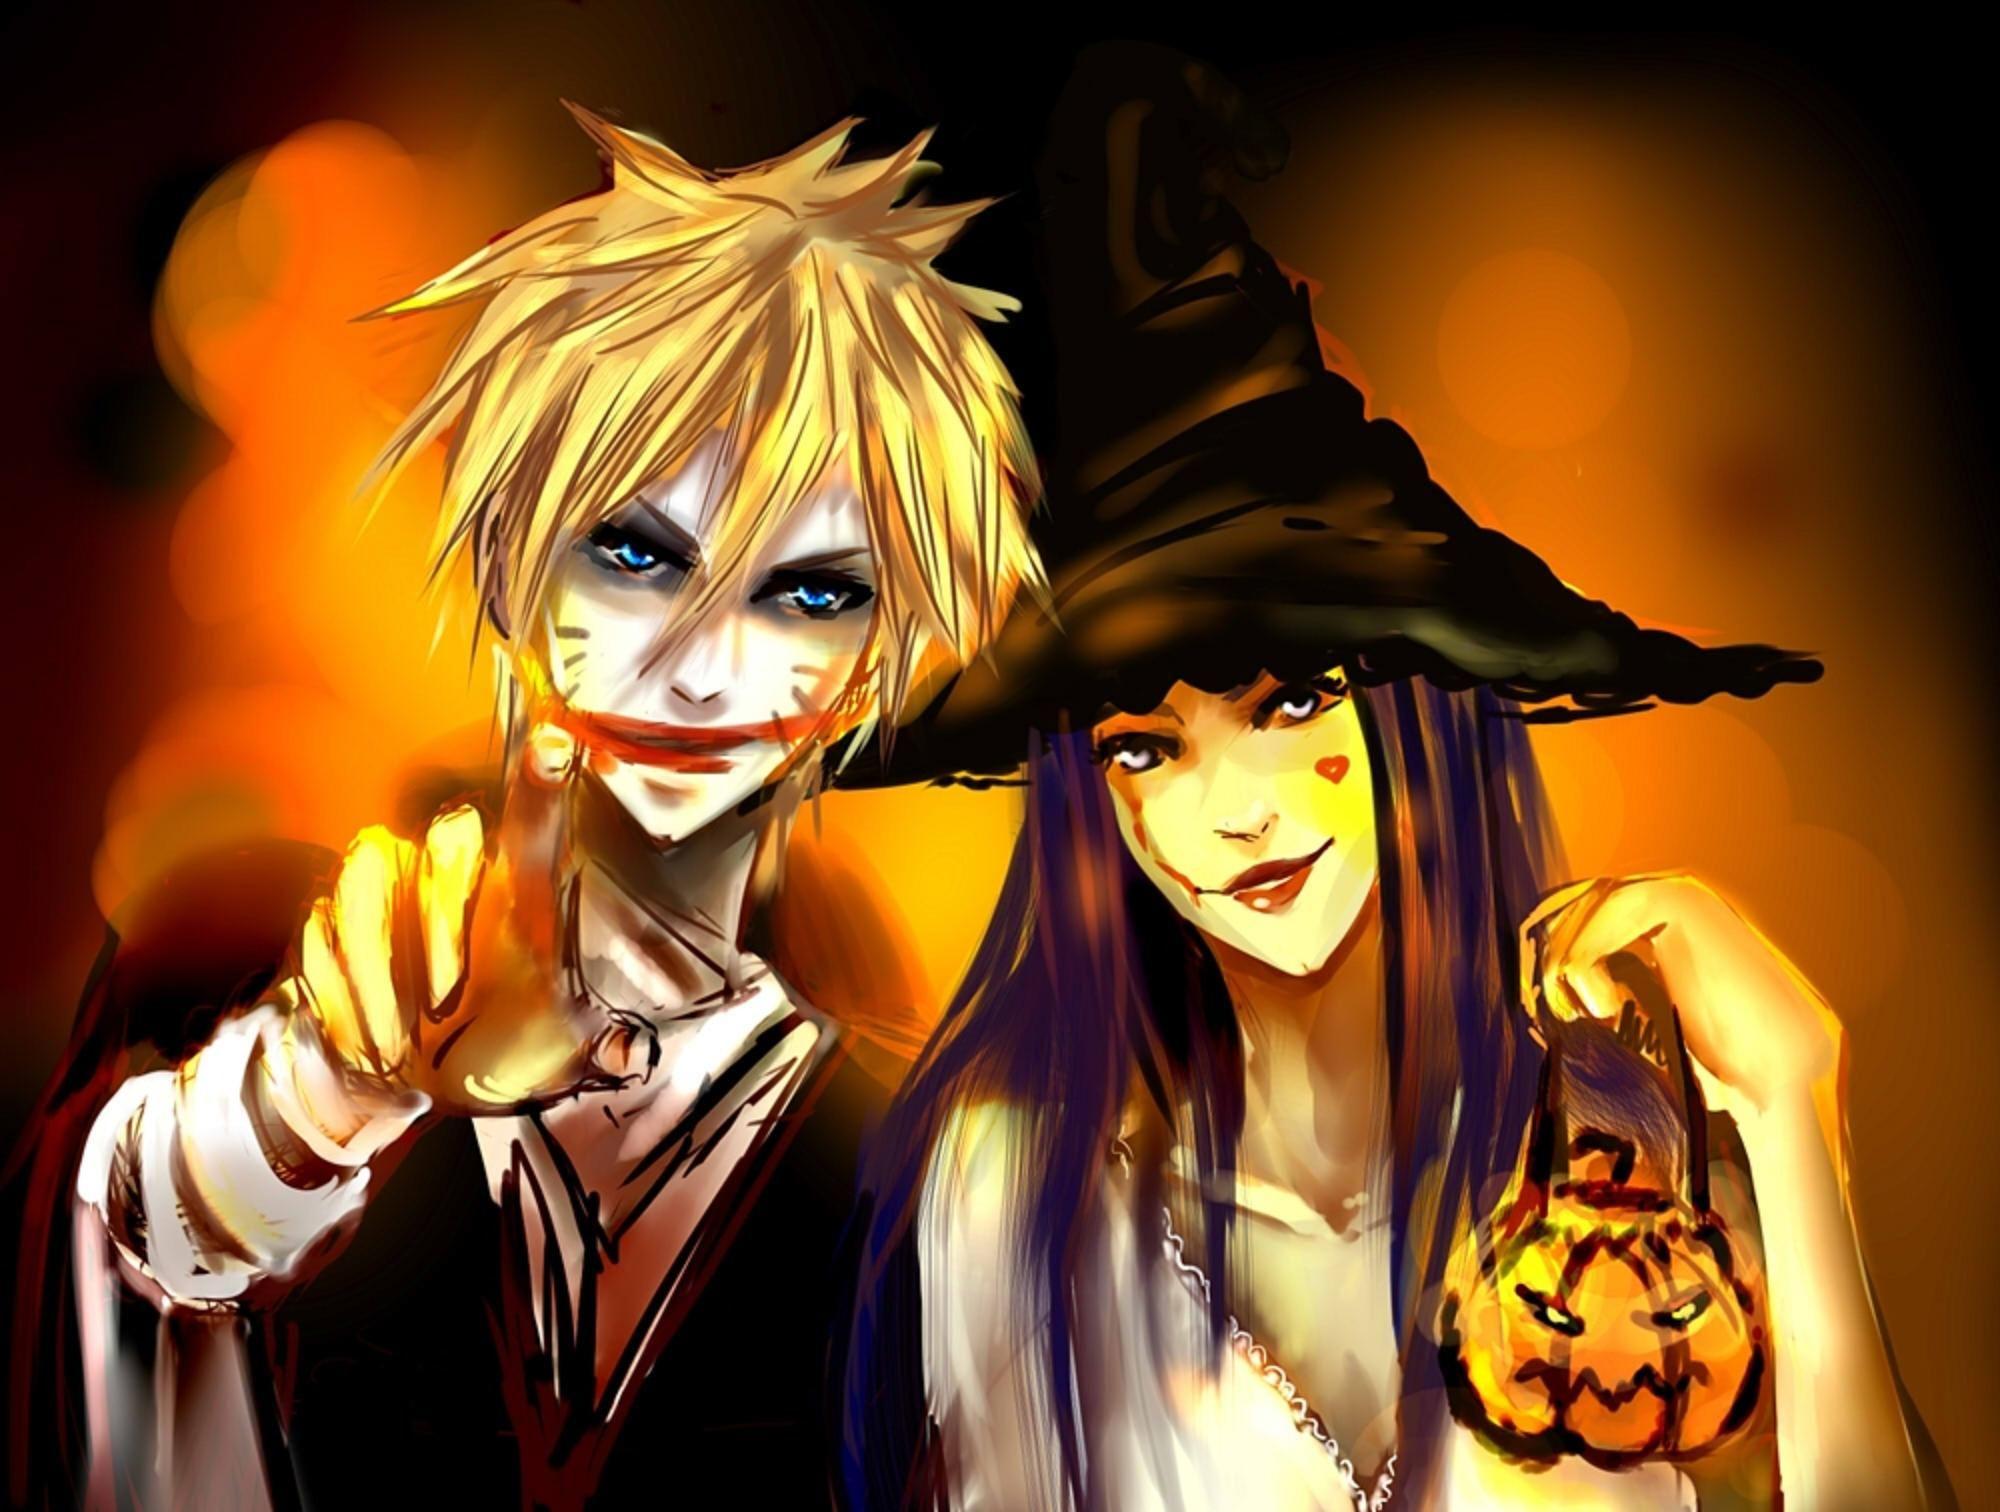 Best Wallpaper Halloween Naruto - 2f40b7fdd59c0e68cbd7793505f11d09  HD_549399.jpg